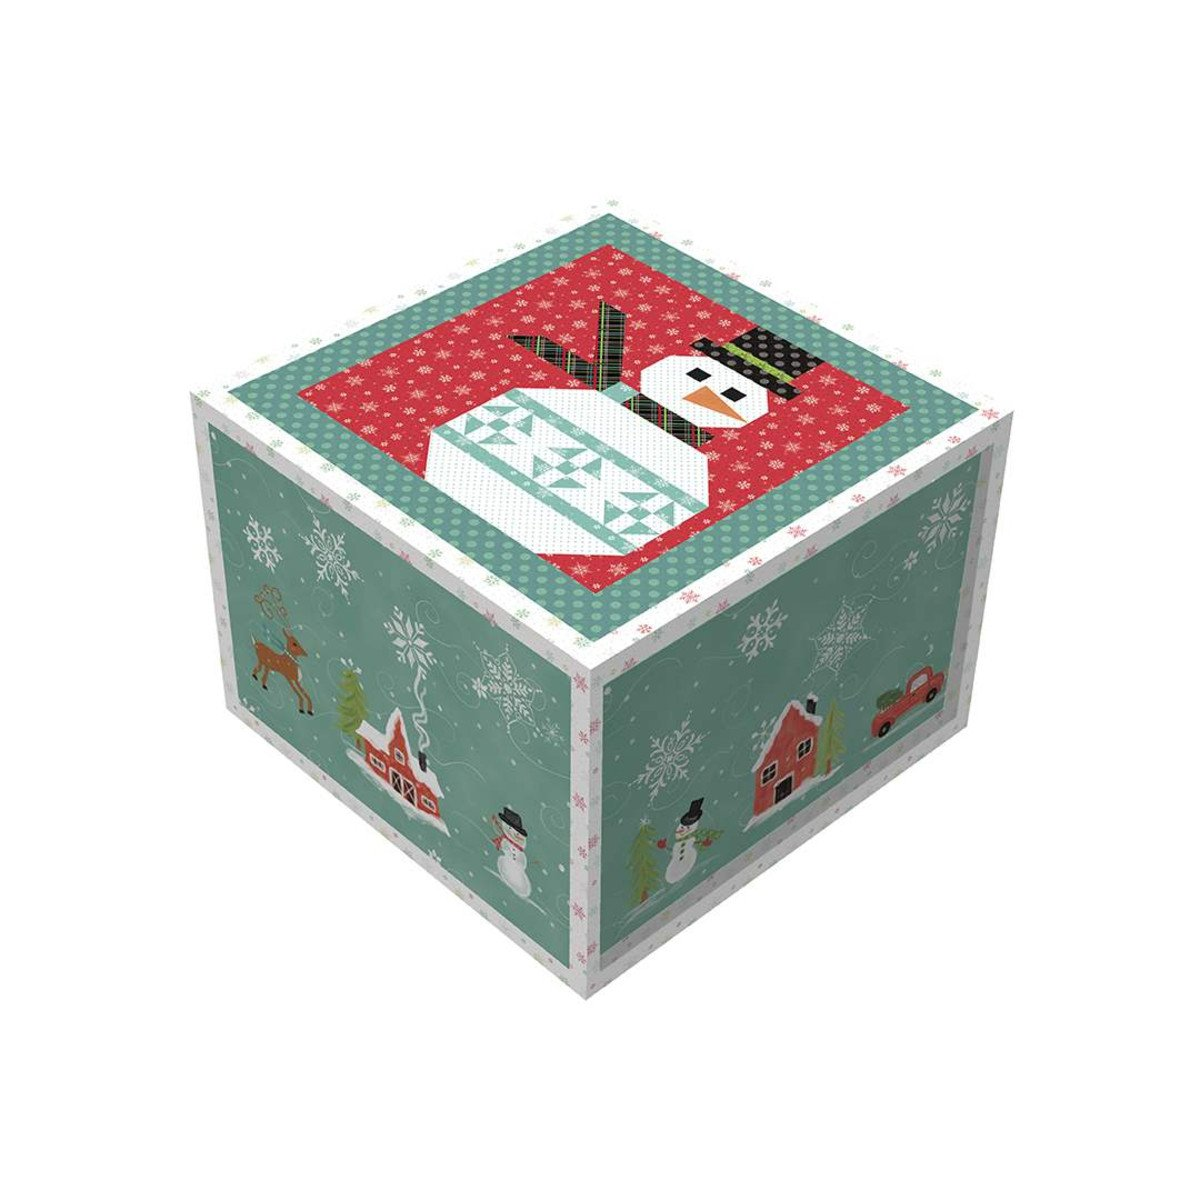 Snowman Table Runner Boxed Kit